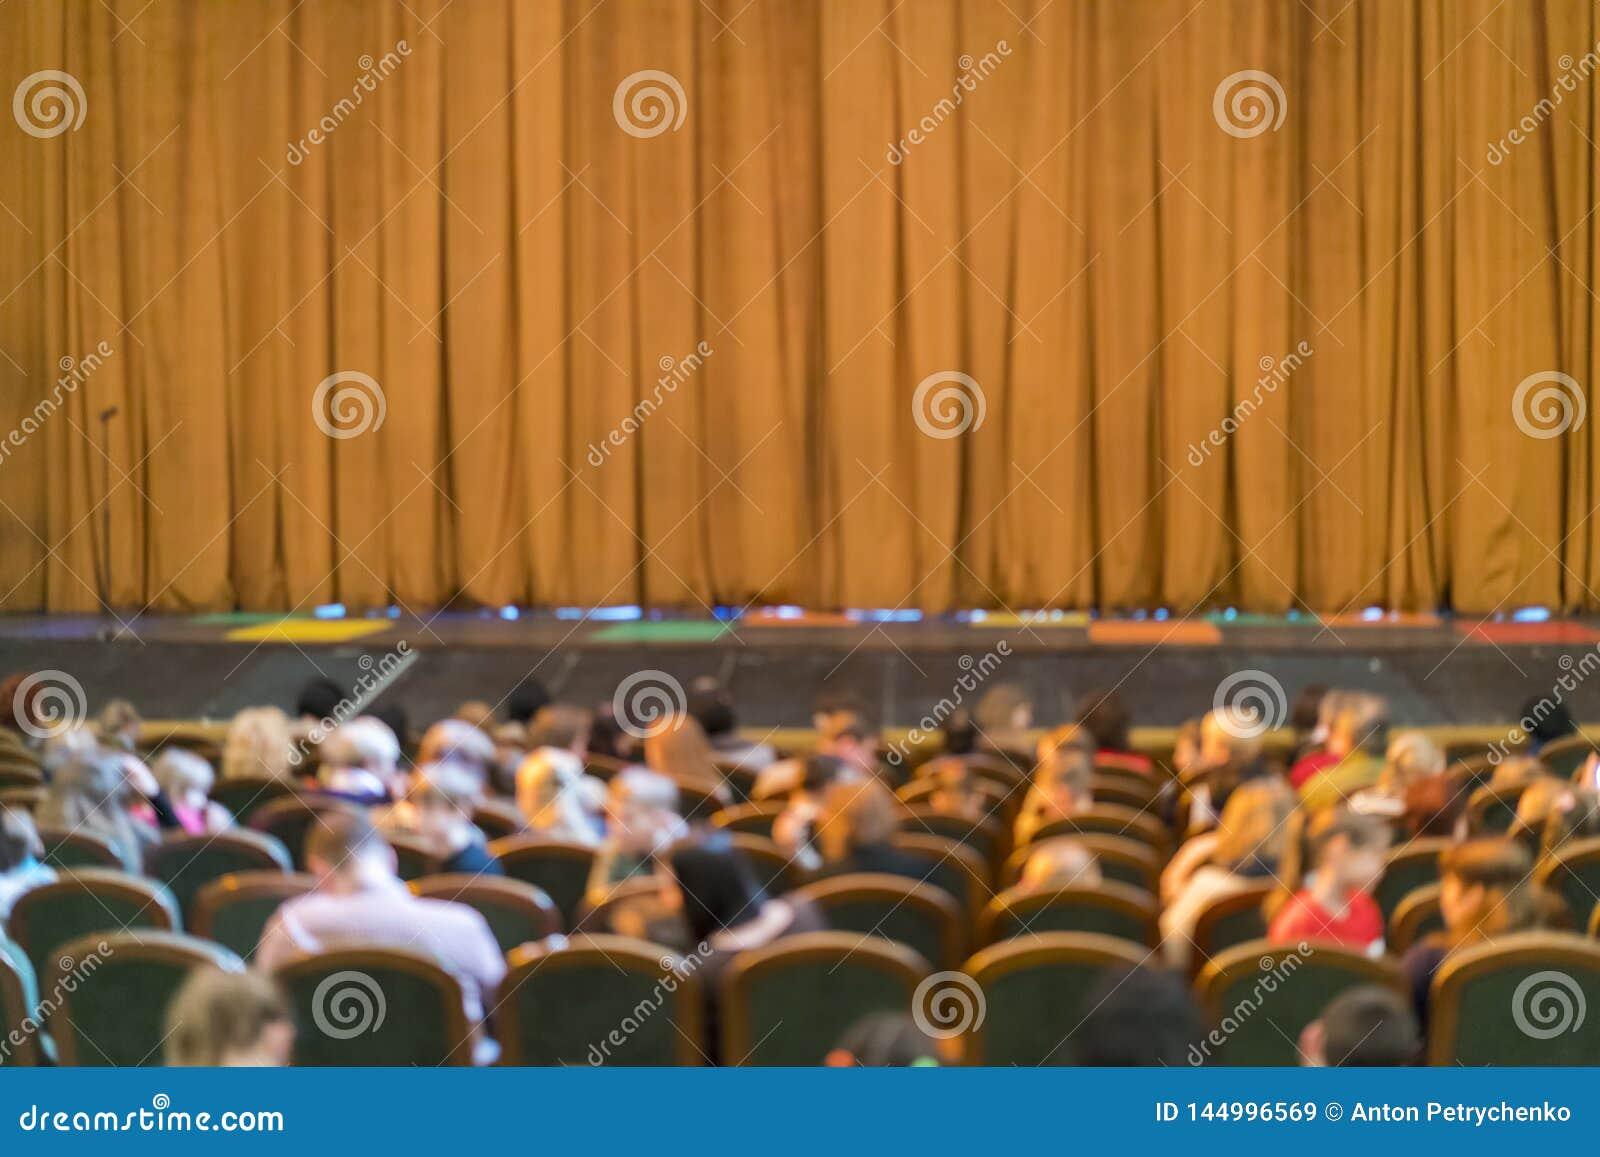 Аудитория в театре закрытый занавес этапа в театре расплывчатый